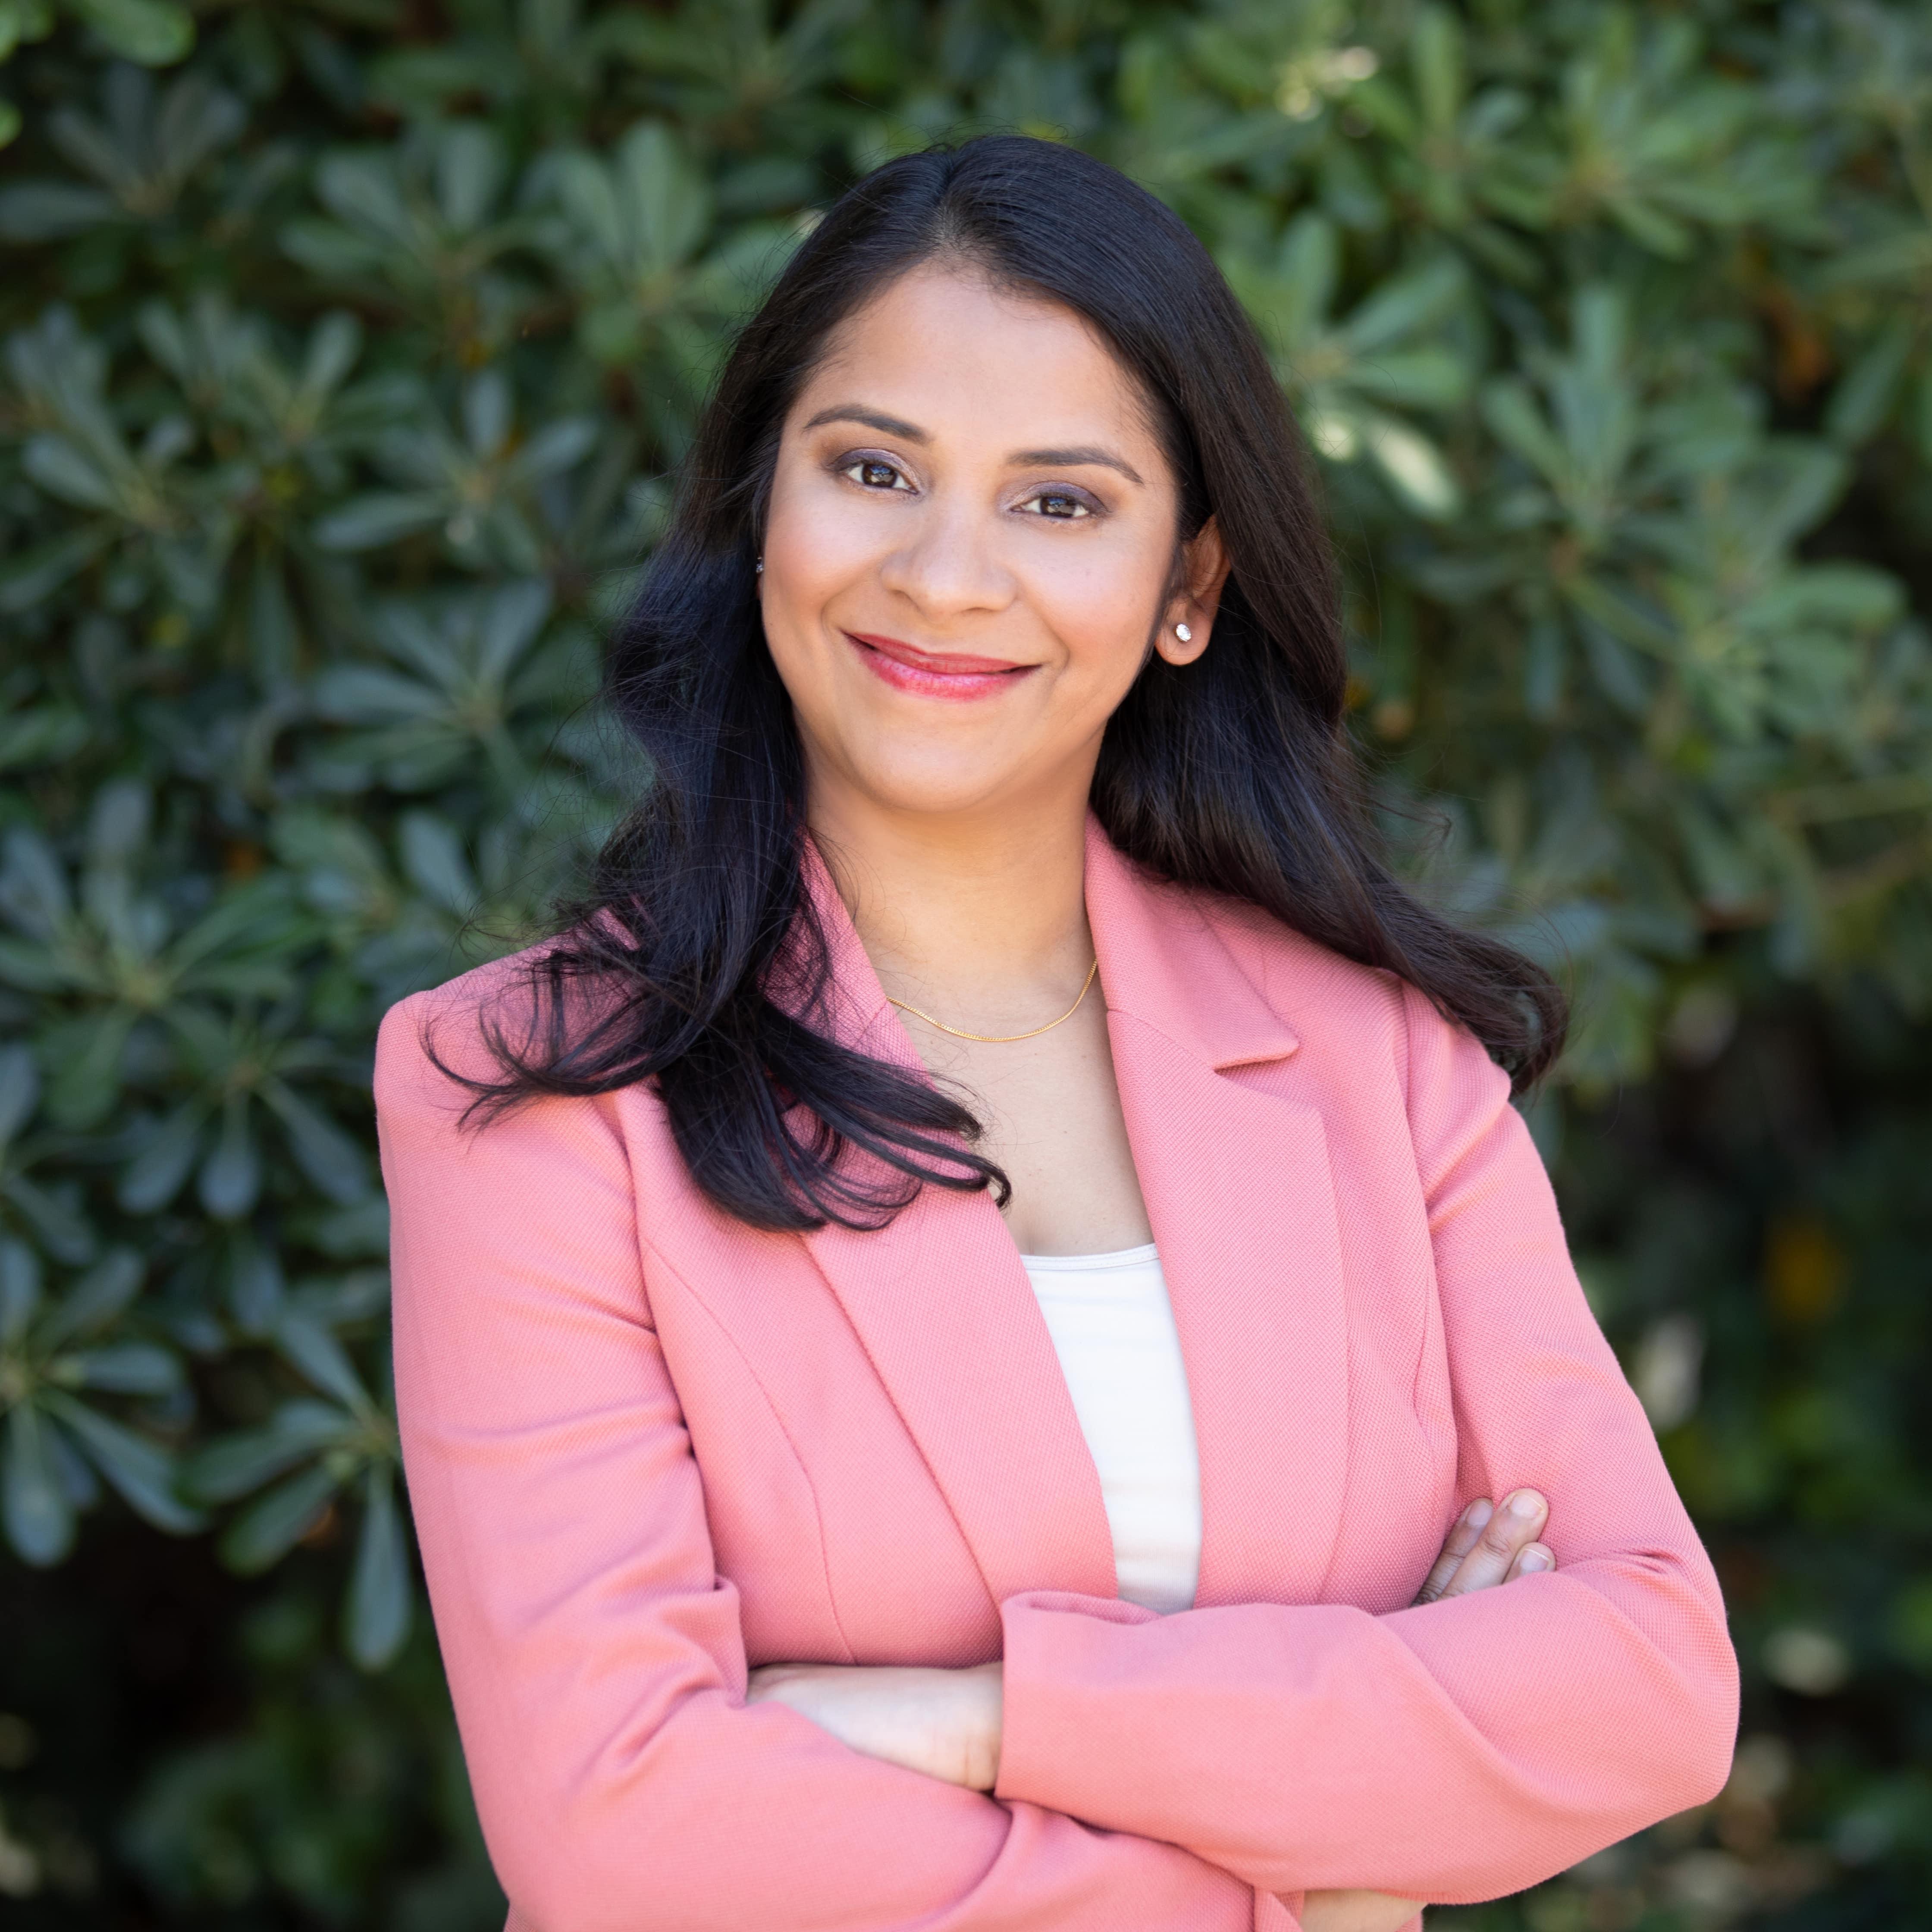 Priya Ponnapalli